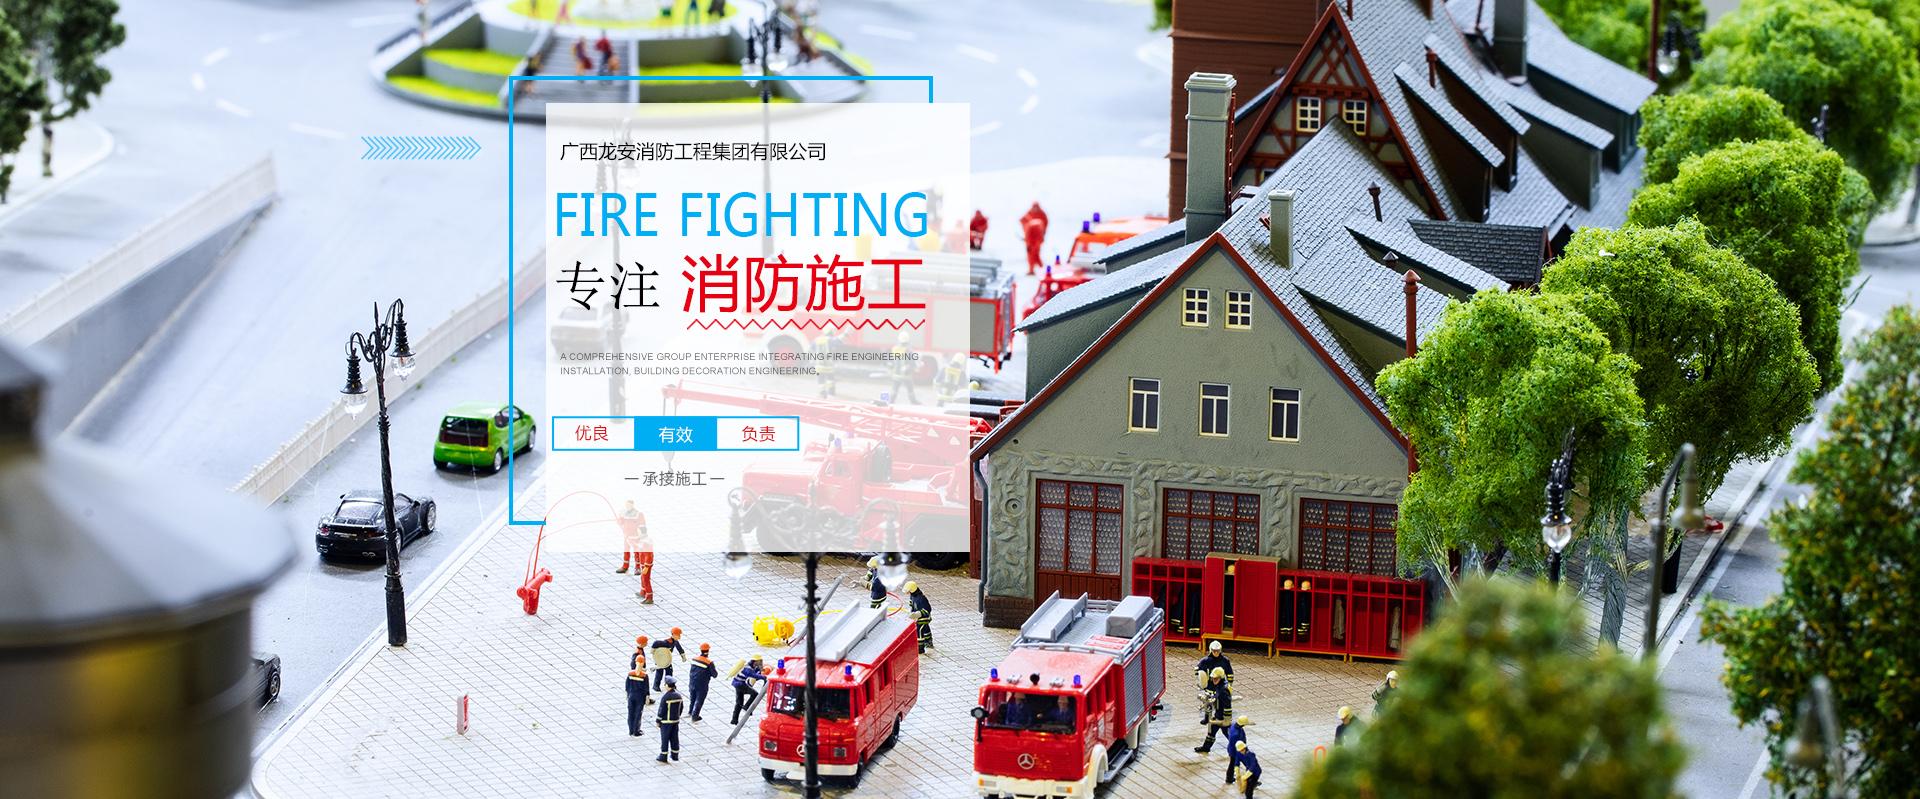 广西消防工程总包